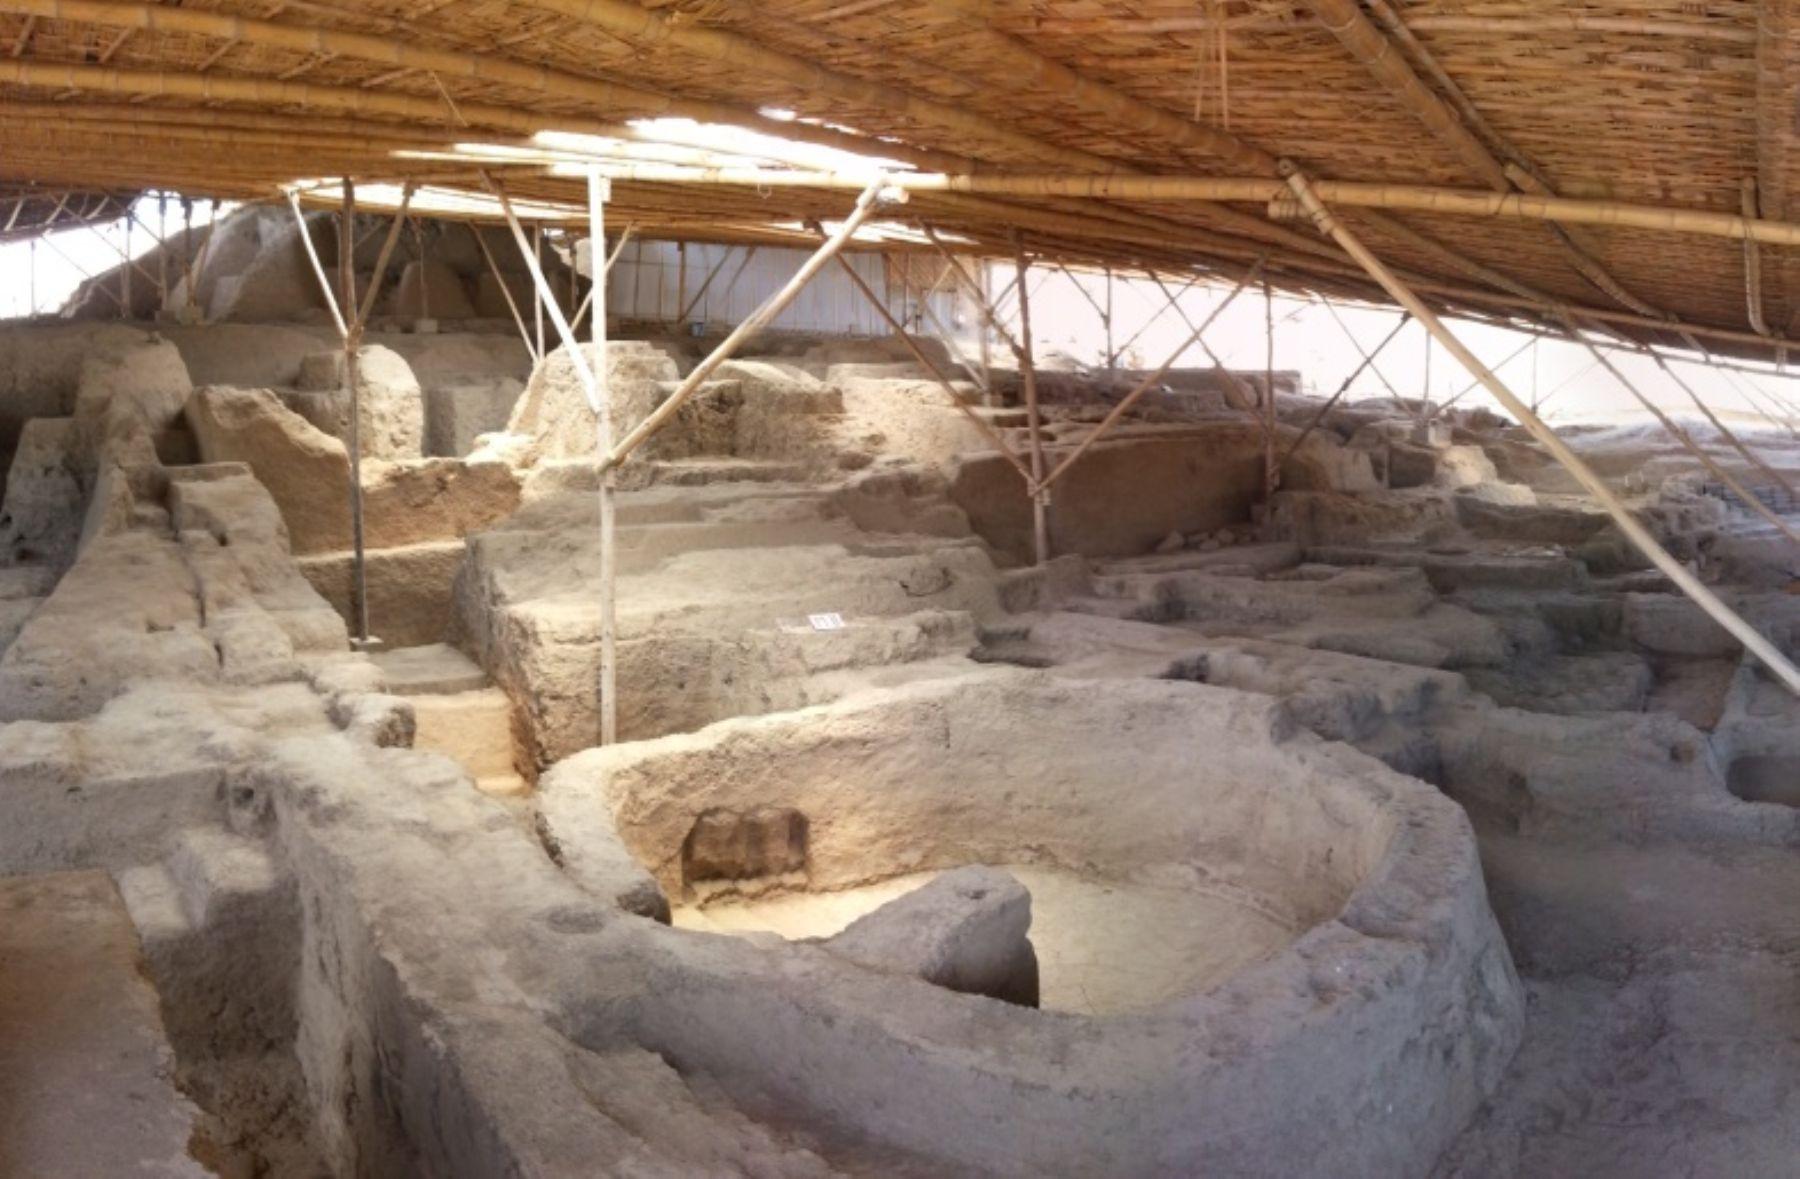 El complejo arqueológico Ventarrón sería el origen de la cultura de la costa norte del Perú.